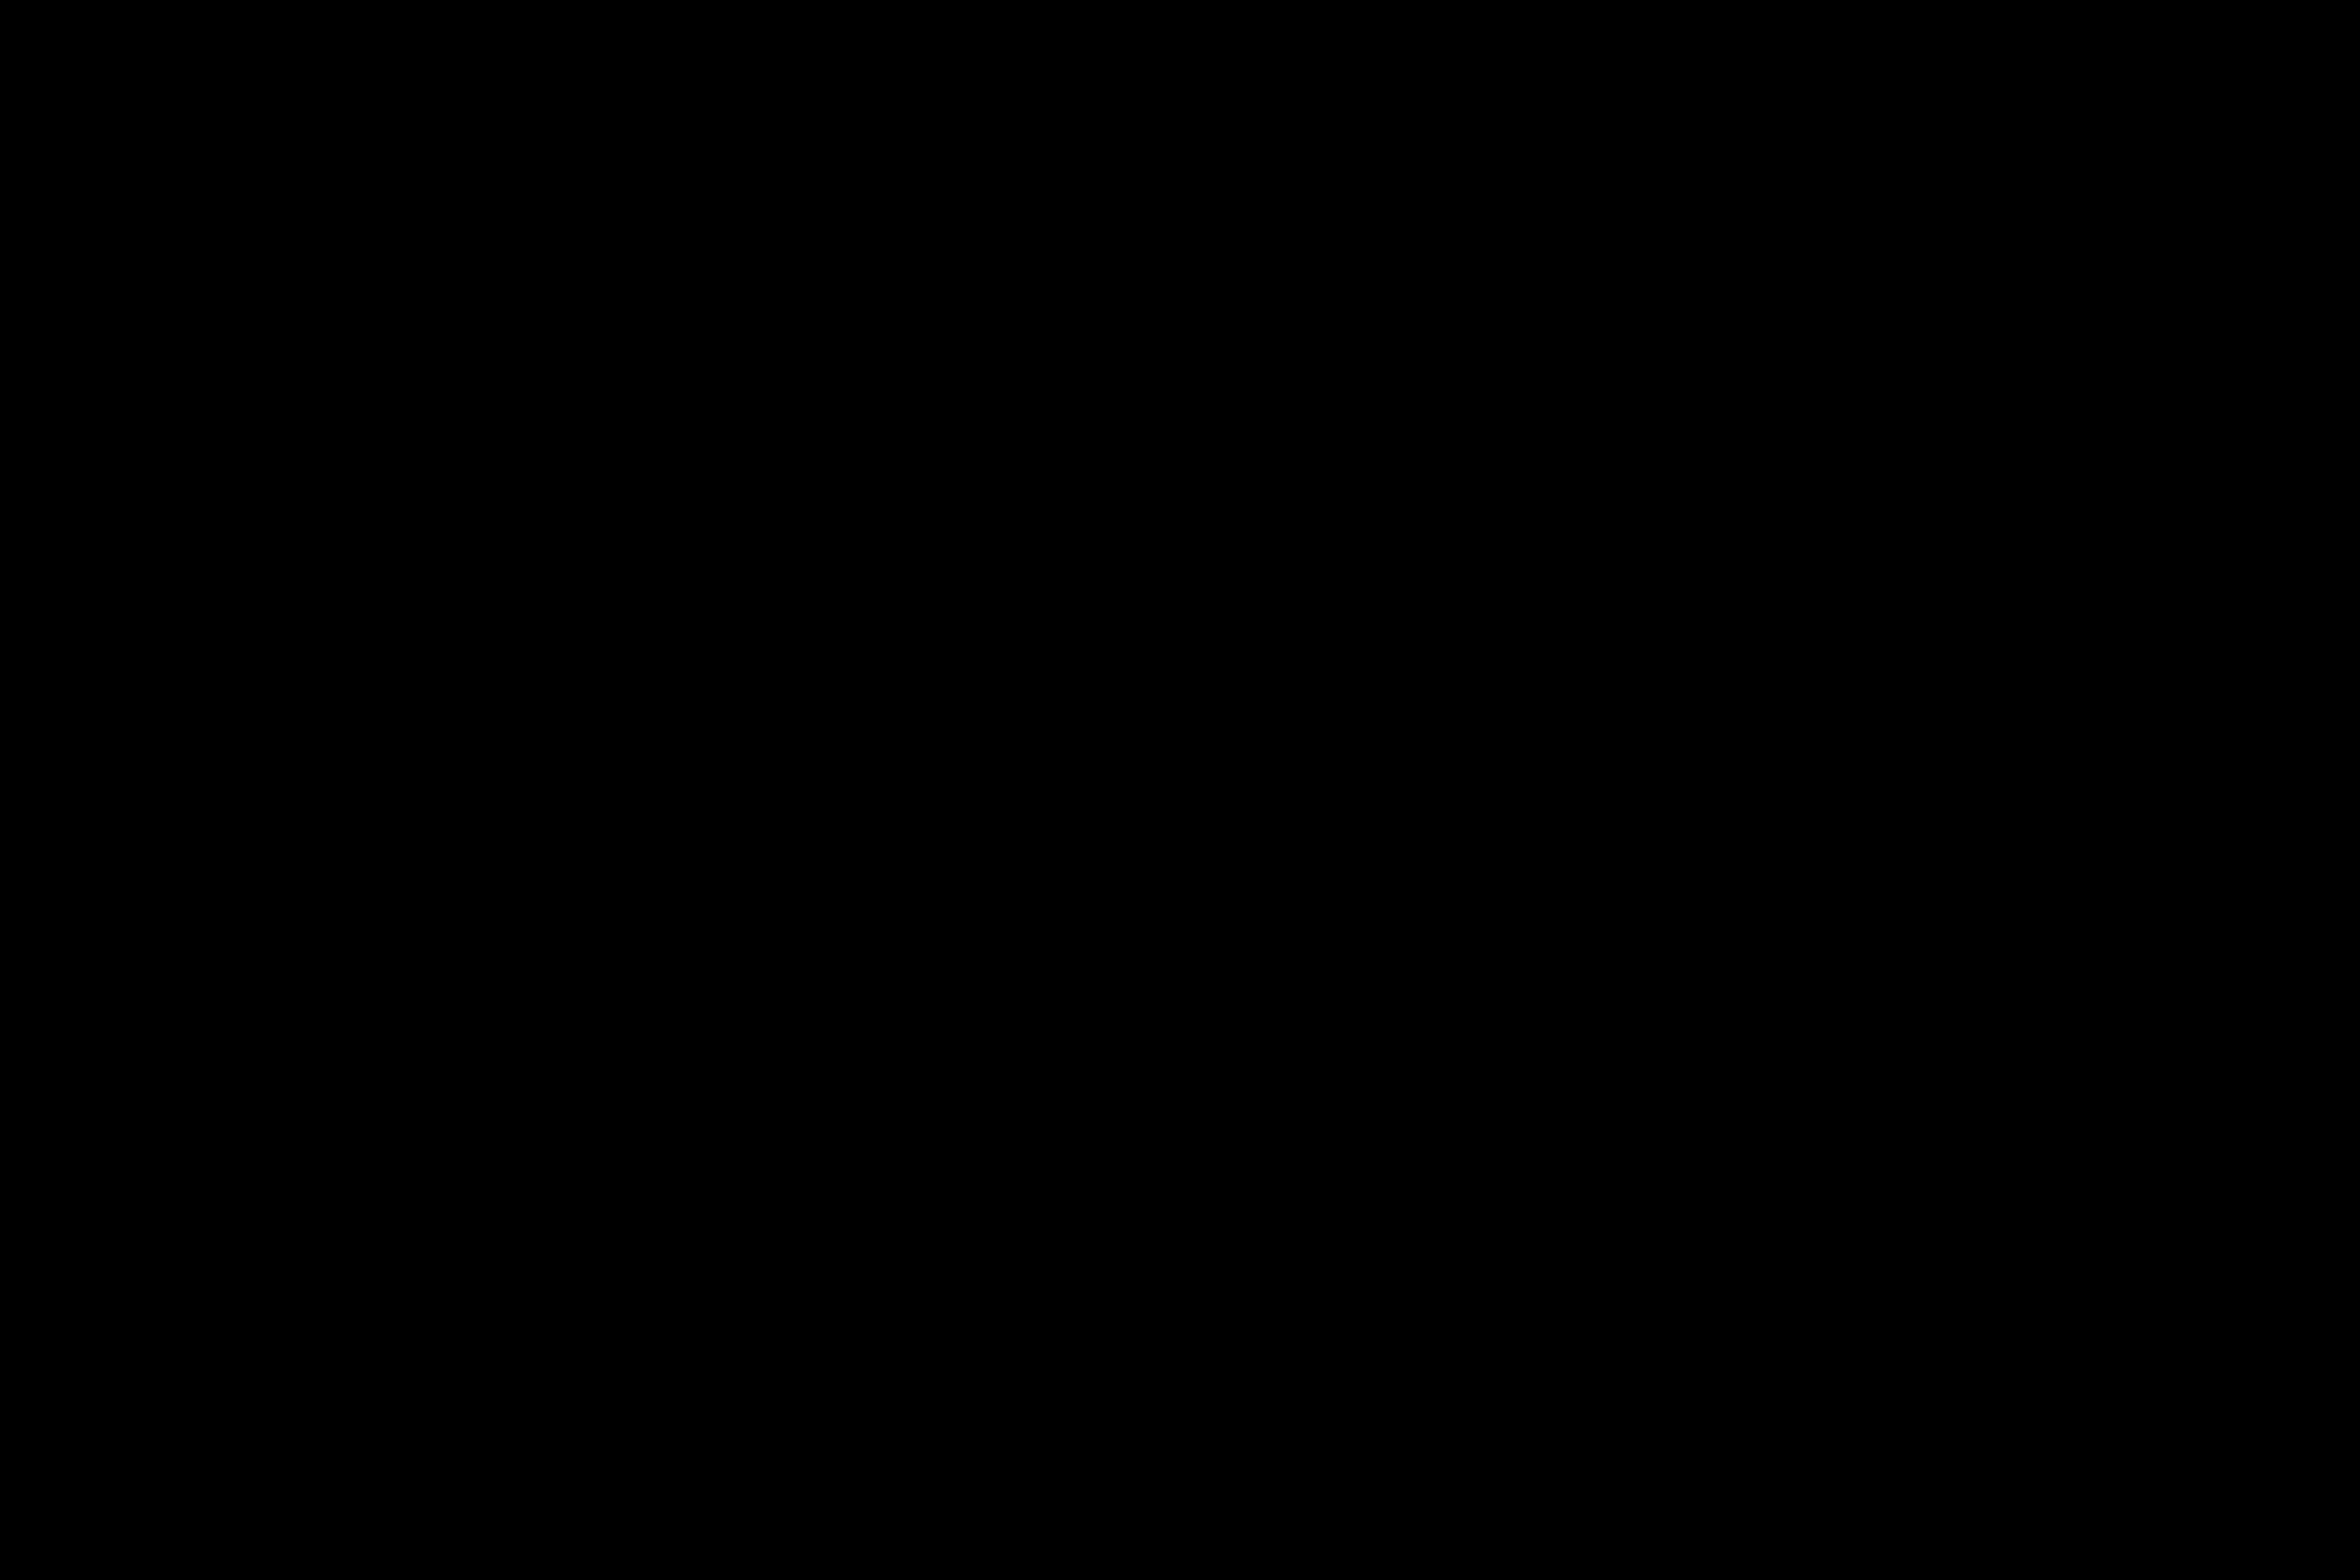 אוסבוקו לבן- Pork Osso buco